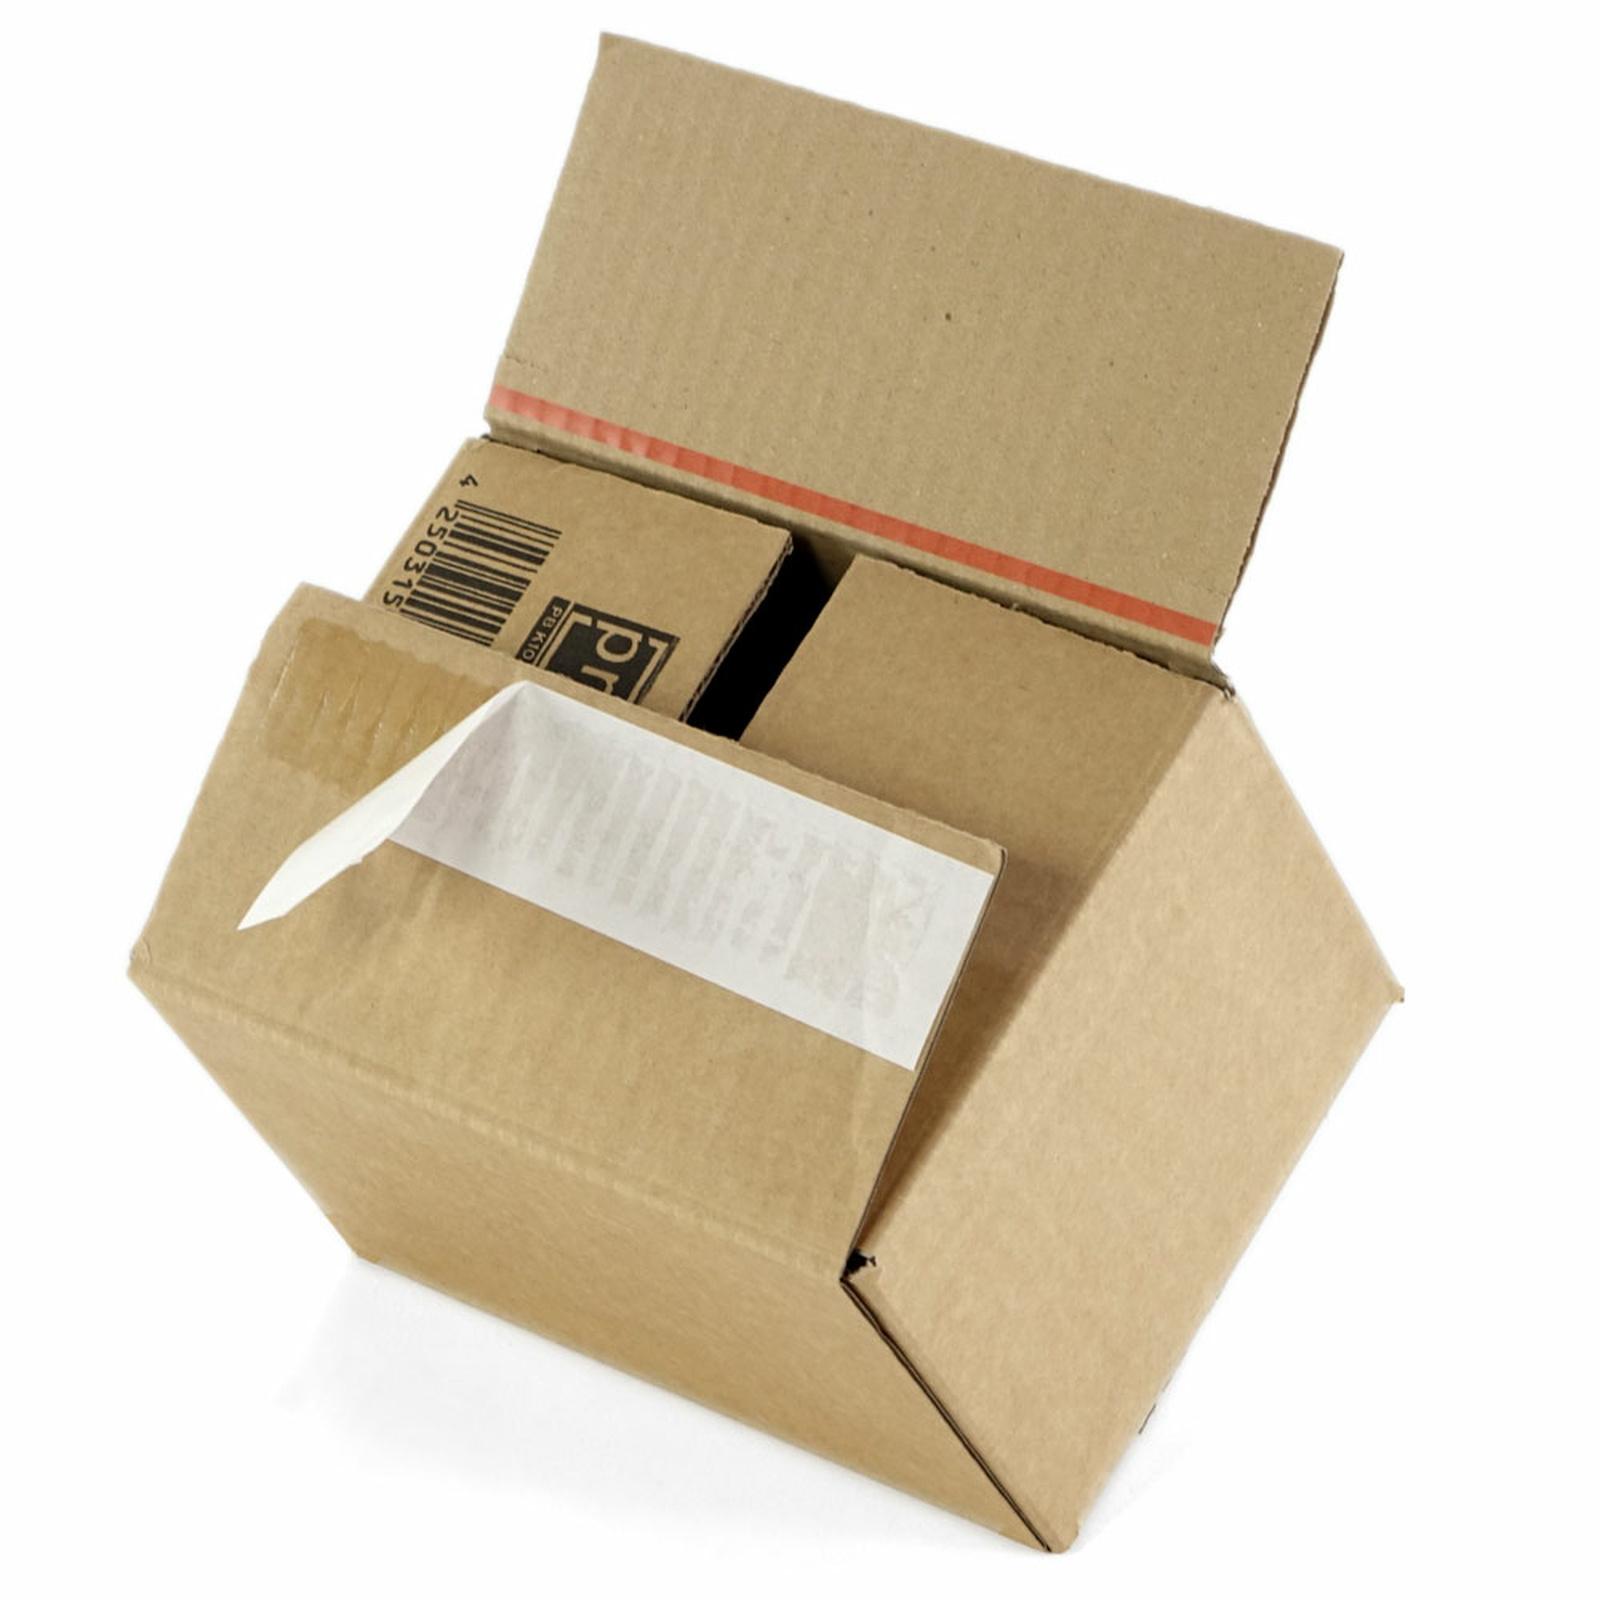 fix aufrichtekartons c6 165x120x80 100 mm g nstig kaufen. Black Bedroom Furniture Sets. Home Design Ideas